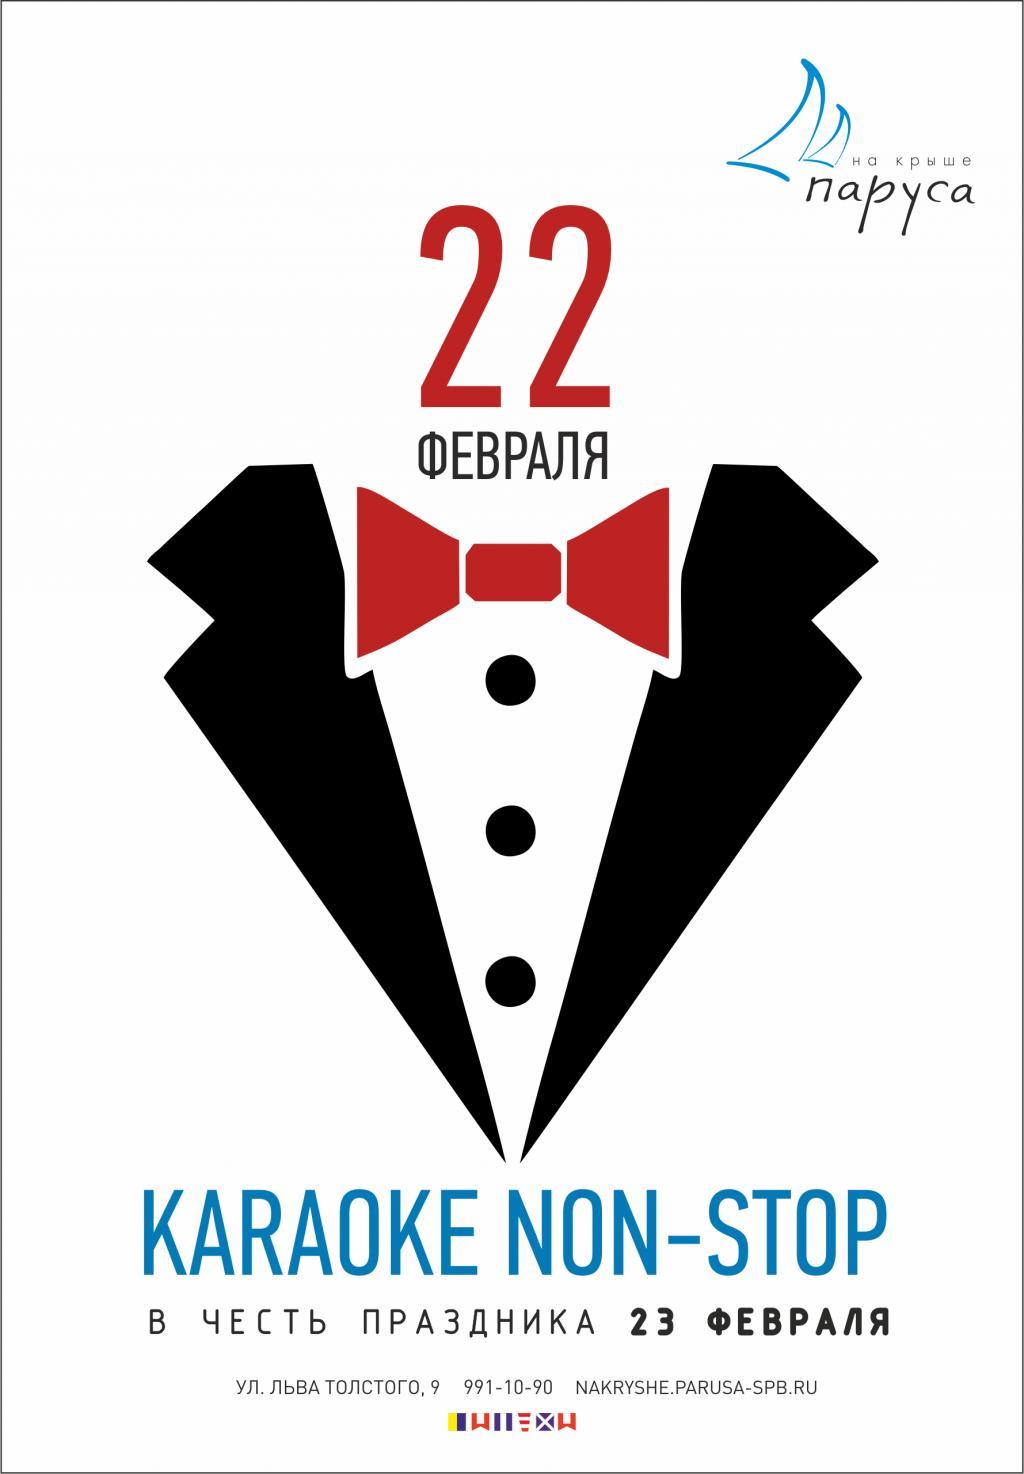 22 февраля - Караоке NON STOP!